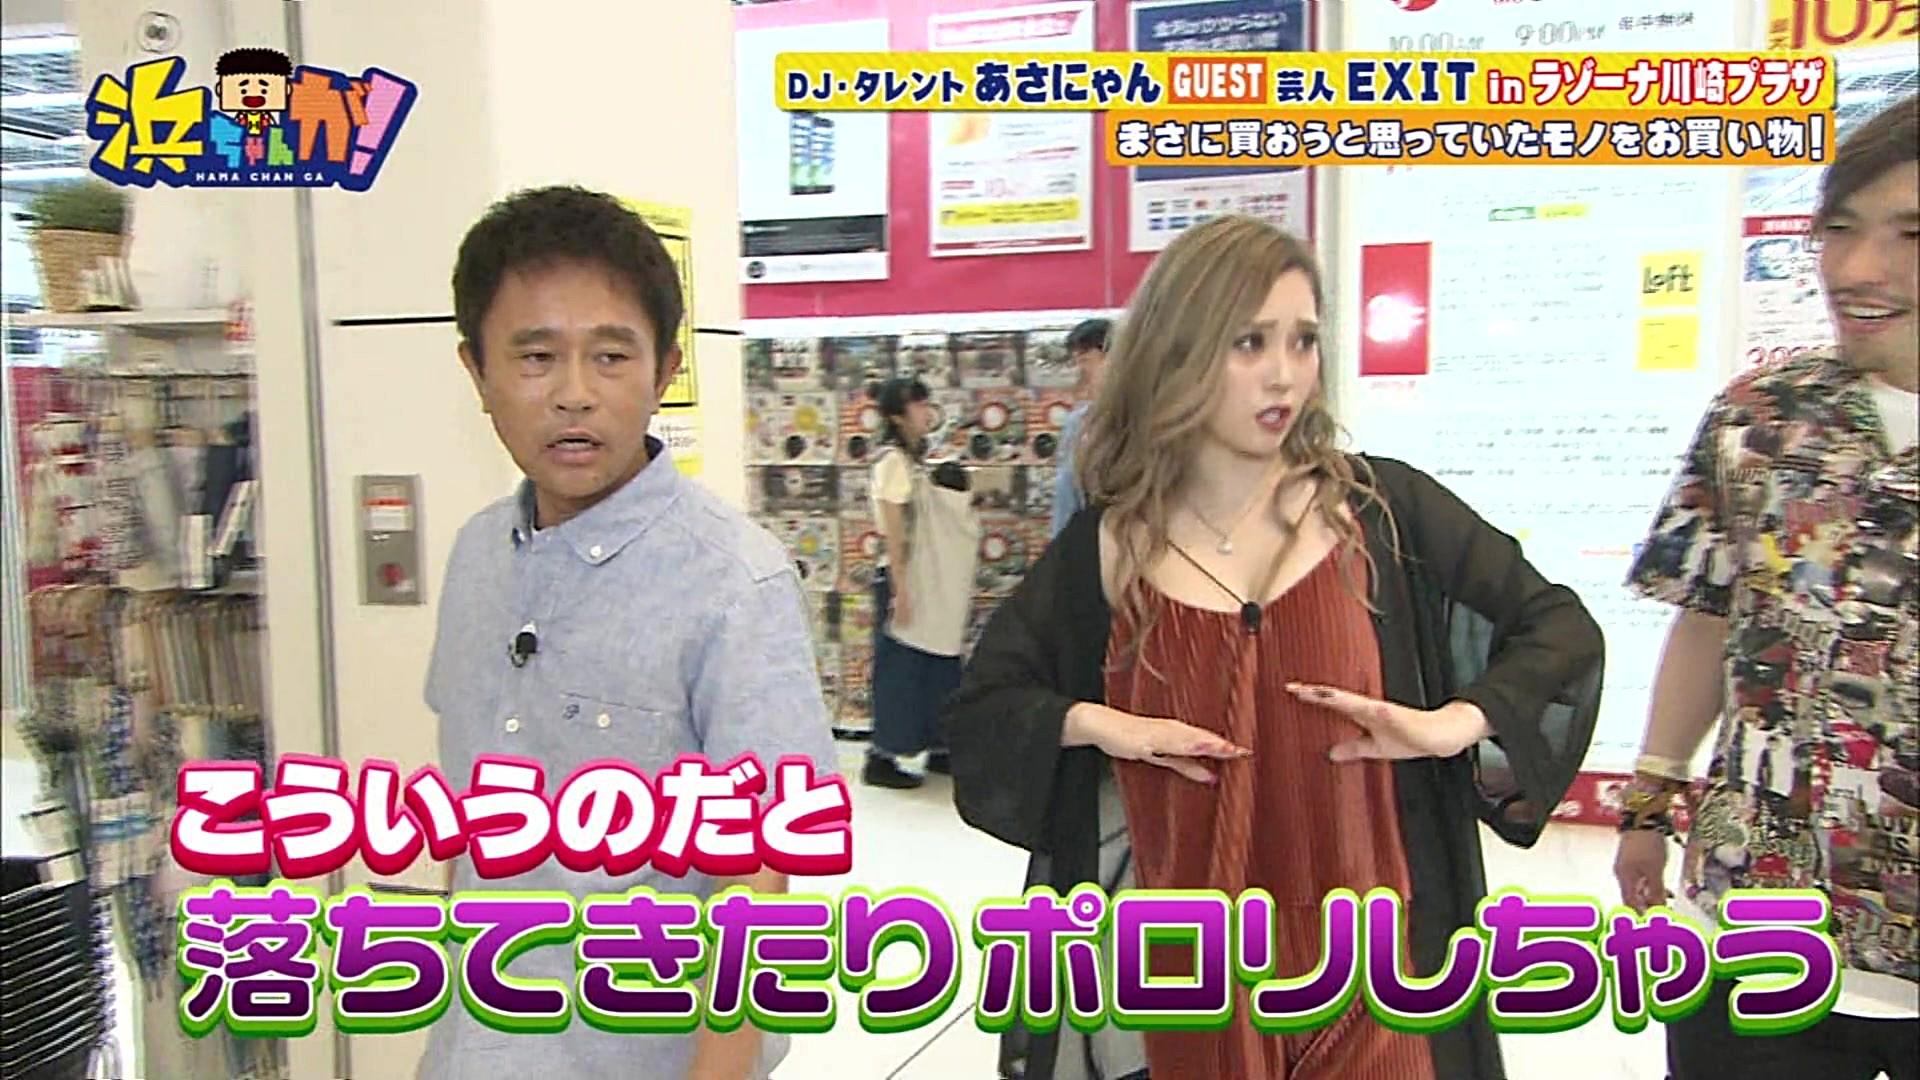 2019年7月17日「浜ちゃんが!」あさにゃんさんのテレビキャプチャー画像-041